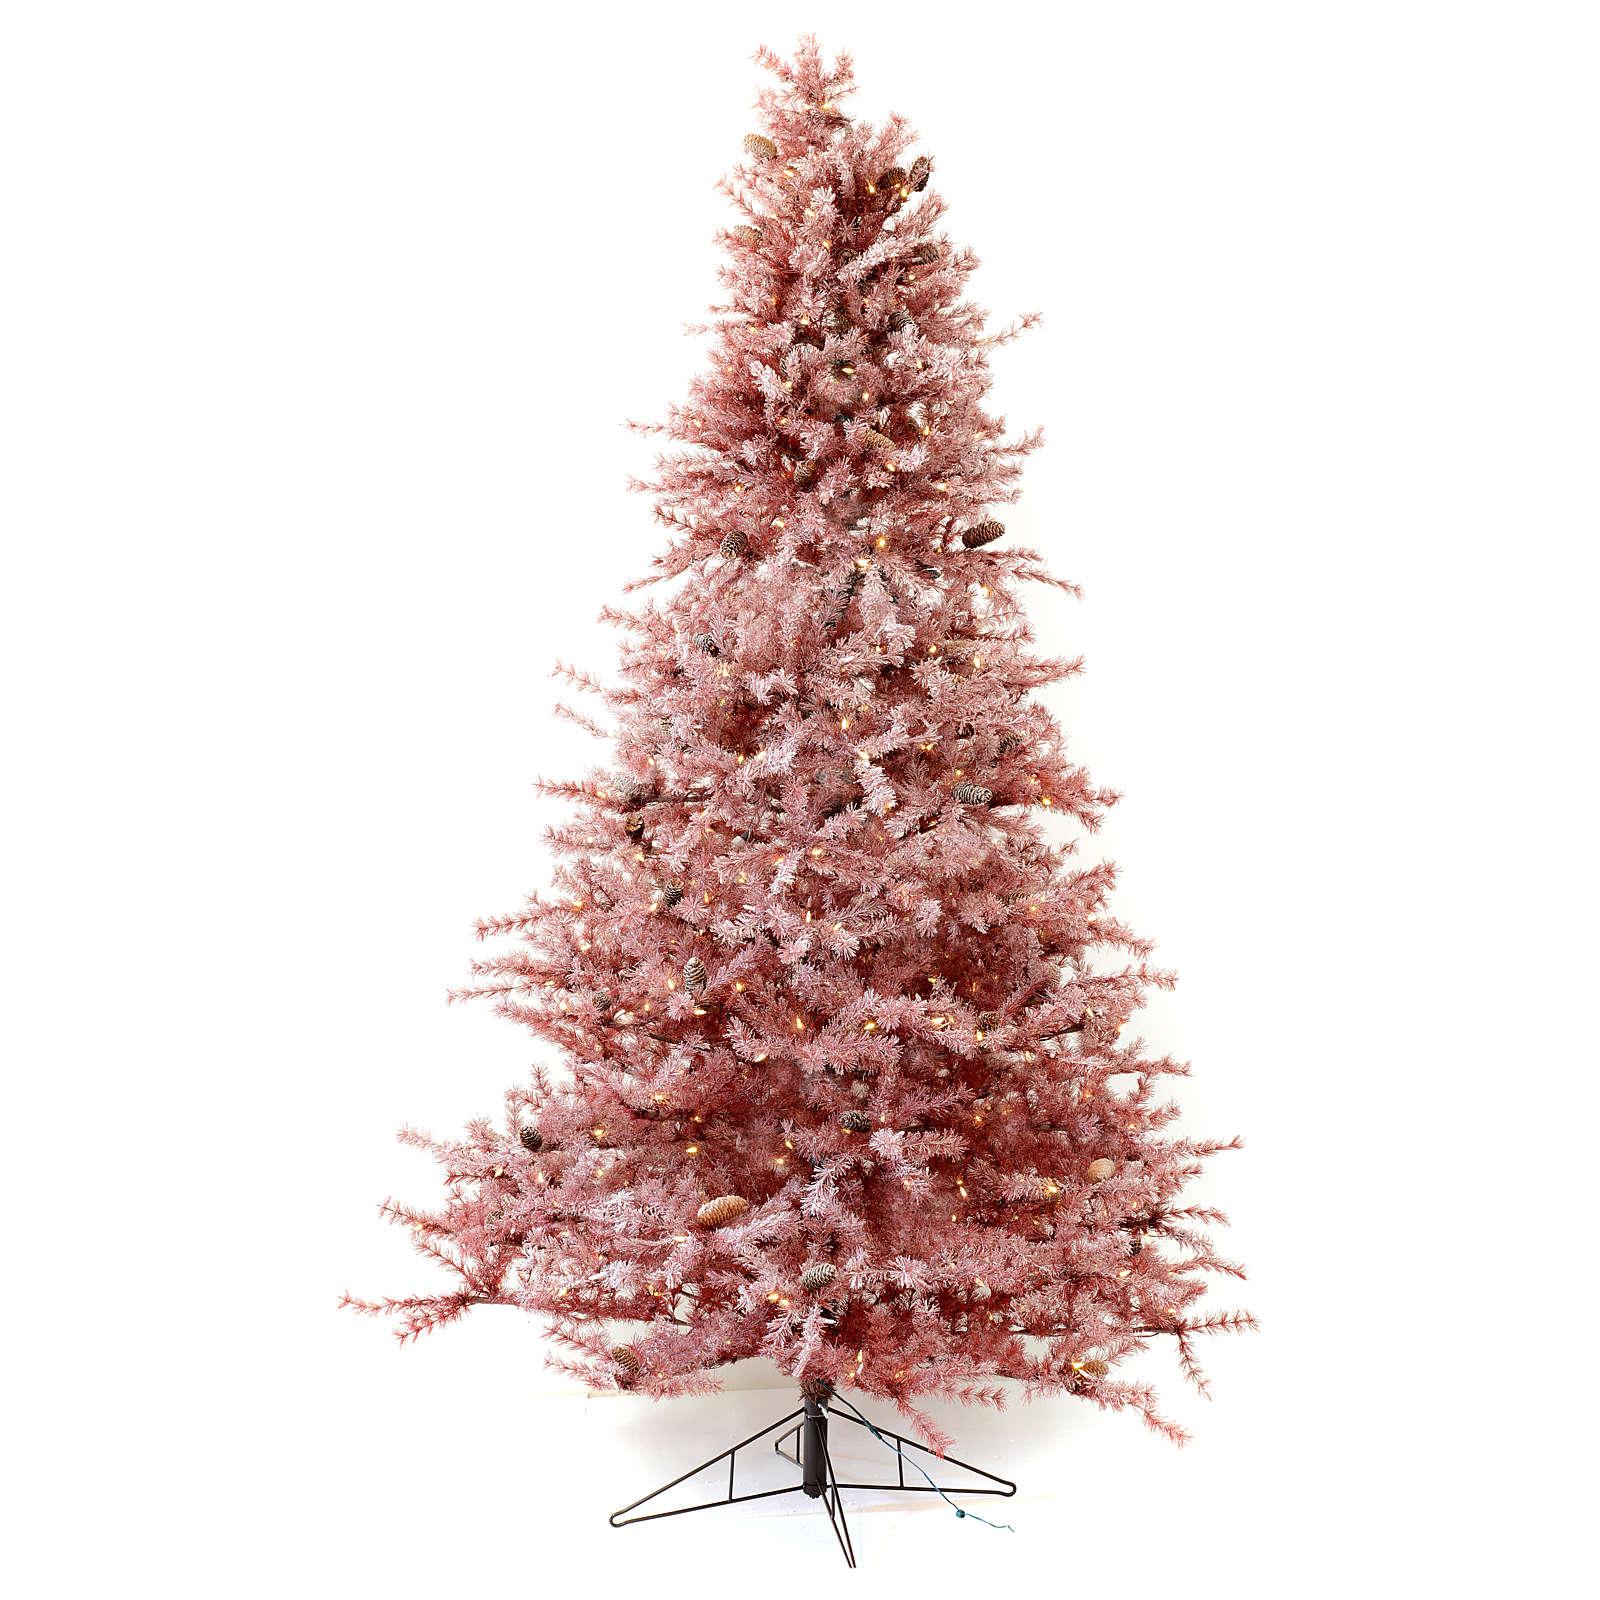 Árbol de Navidad 270 cm color coral escarchado con piñas 700 luces exterior 3